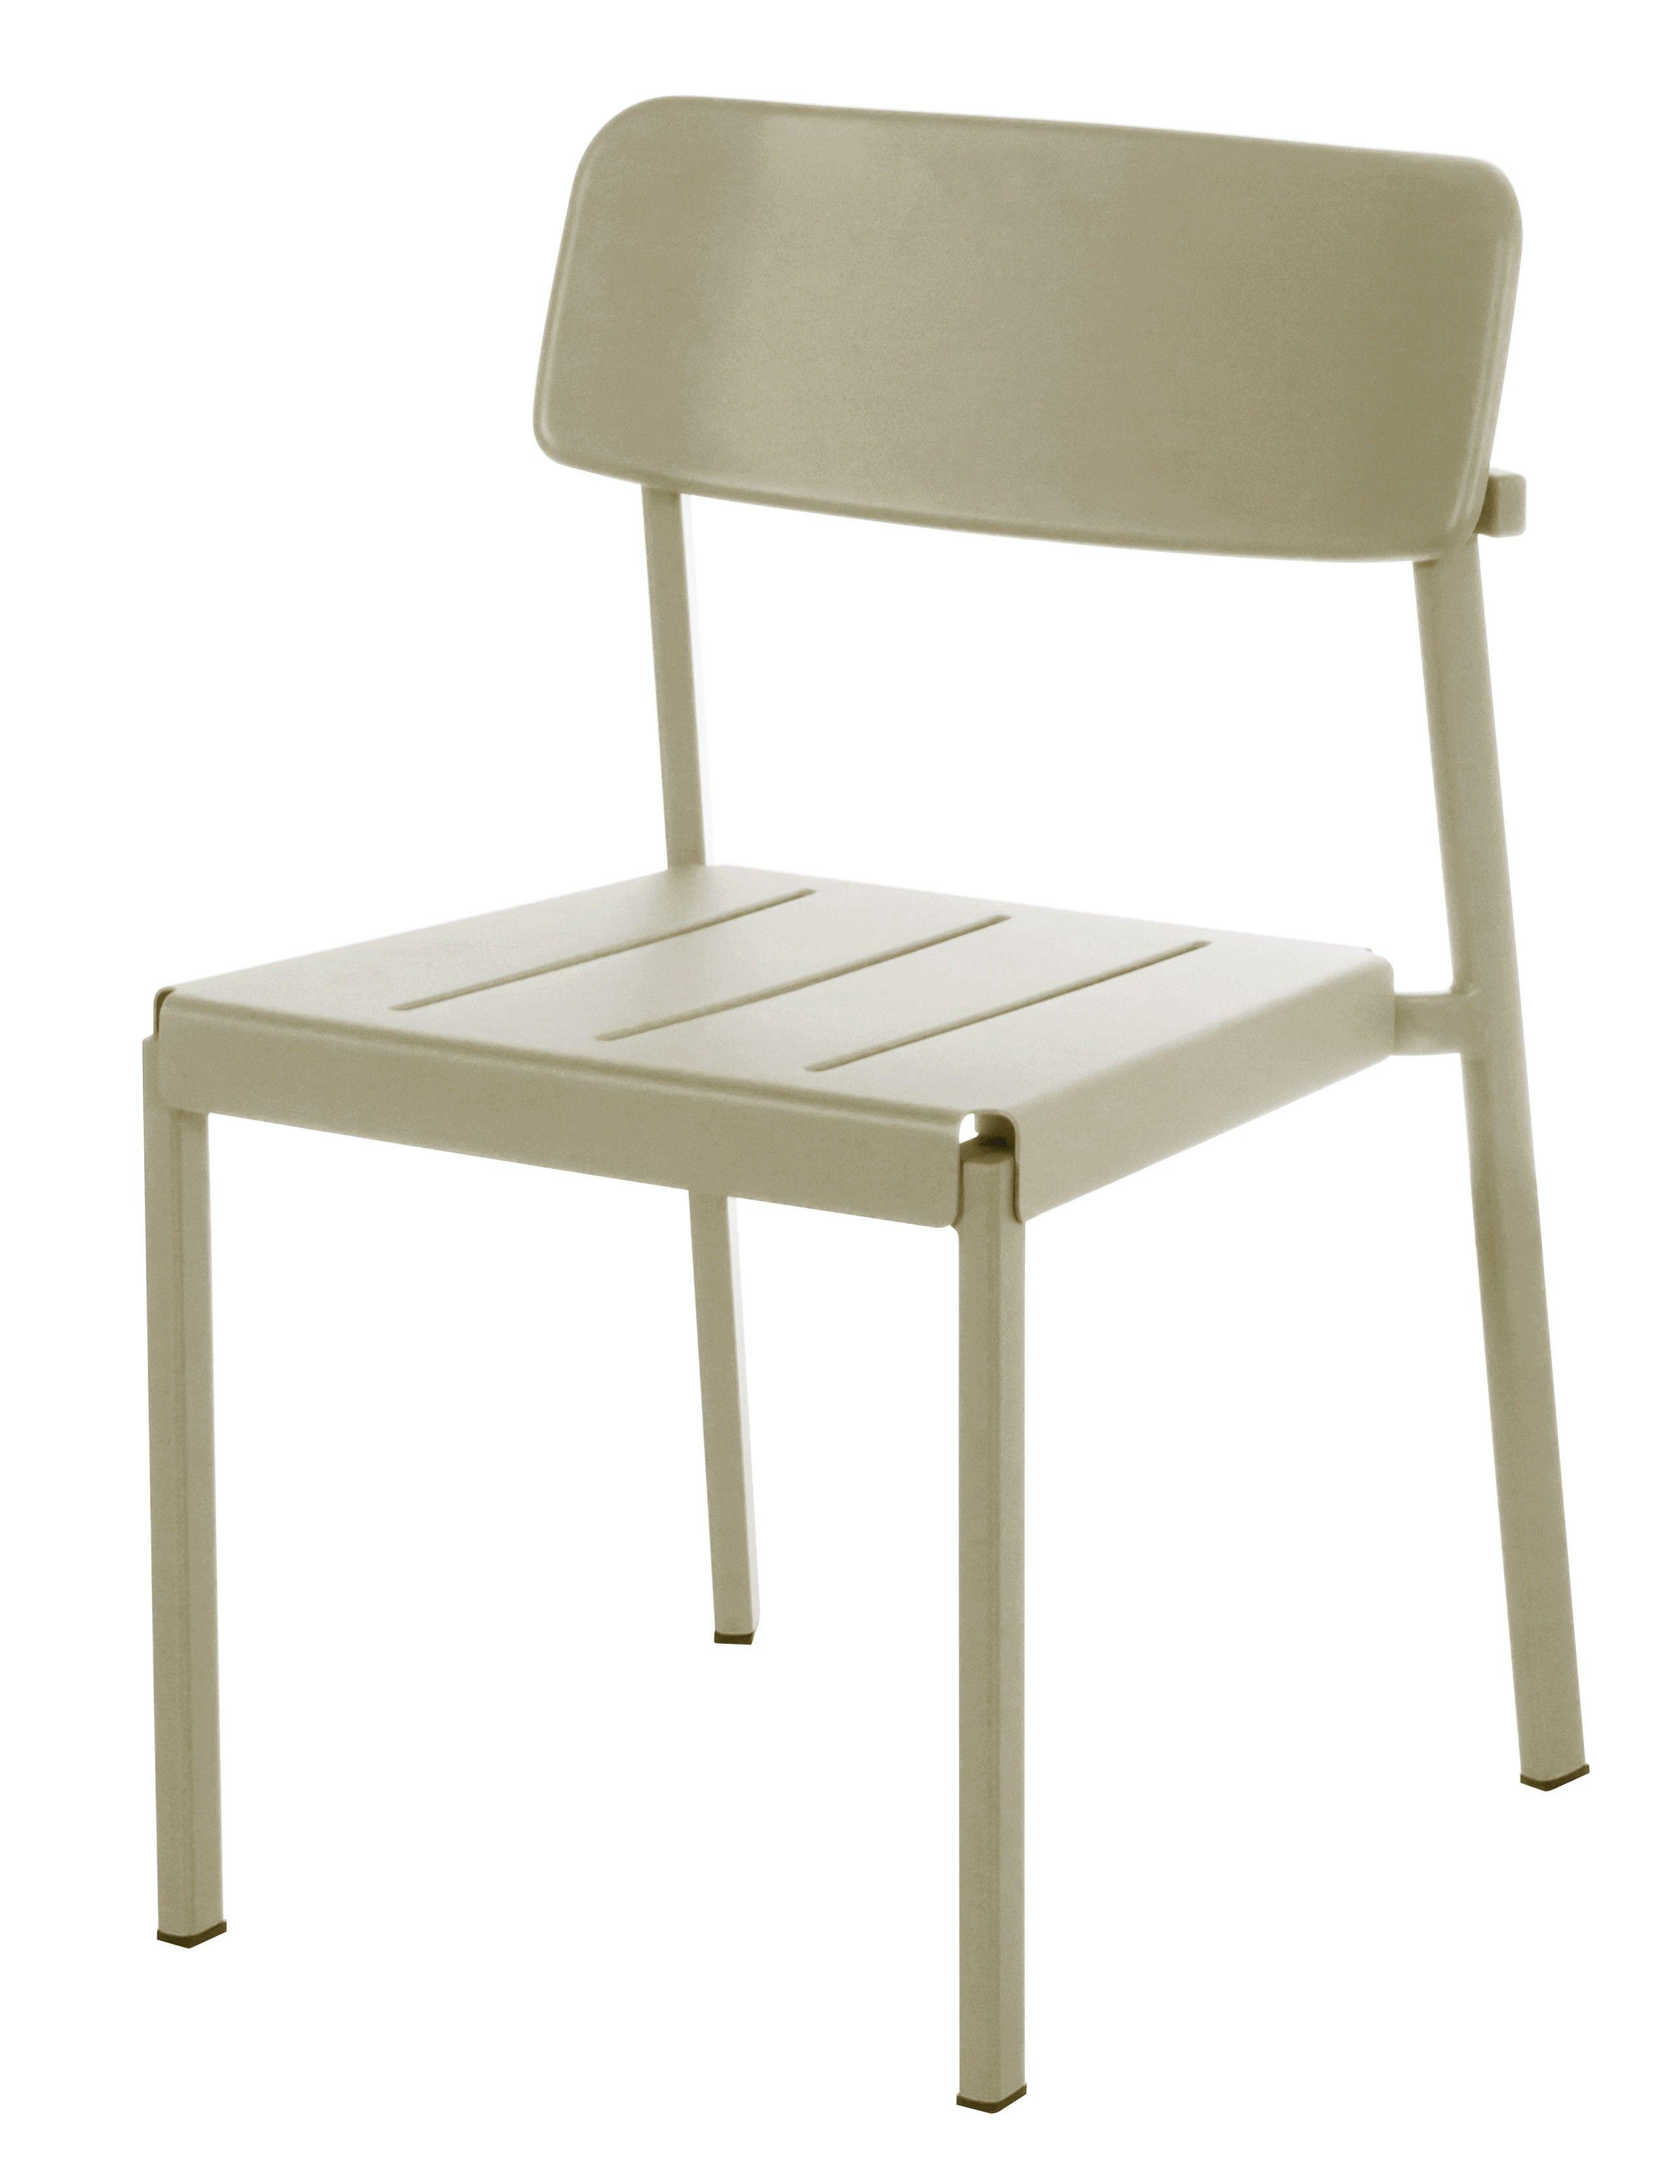 jetzt bei desigano shine stuhl sitzmöbel, gartenmöbel, stühle